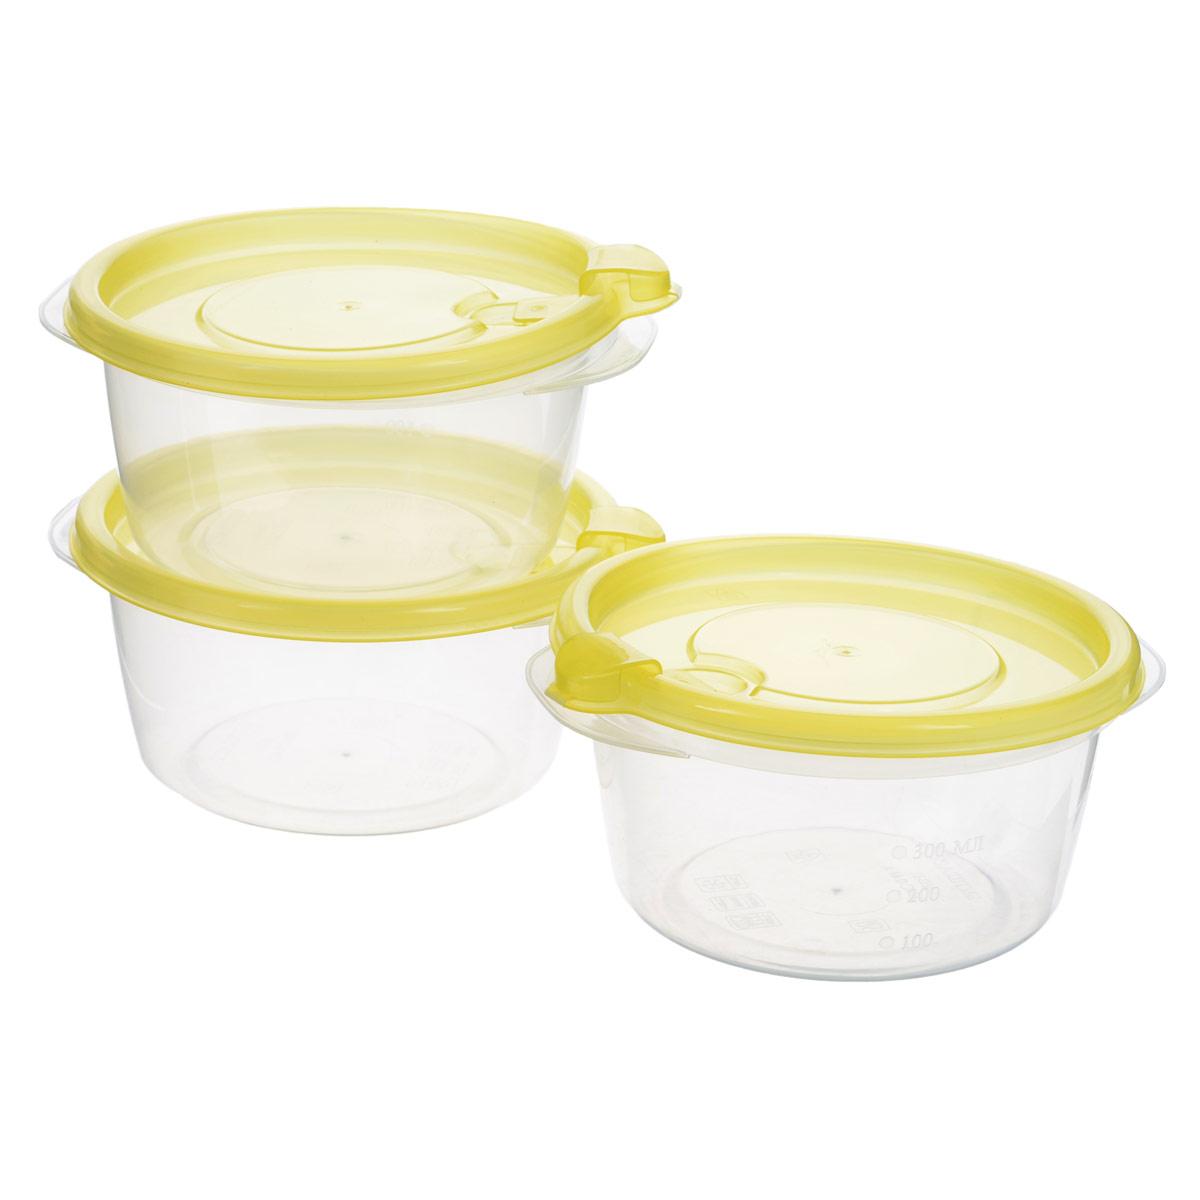 Комплект контейнеров для хранения продуктов Бытпласт Фрэш, 0,44 л, 3 шт. С11523С11523Контейнеры Бытпласт Фрэш предназначены для хранения пищевых продуктов и не только. Они выполнены из высококачественного полипропилена и не содержат Бисфенол А. Крышка легко и плотно закрывается. Контейнер устойчив к воздействию масел и жиров, легко моется. Подходит для использования в микроволновых печах, выдерживает хранение в морозильной камере при температуре -24 градуса.Пищевые контейнеры необыкновенно удобны: в них можно брать еду на работу, за город, ребенку в школу. Именно поэтому они обретают все большую популярность.